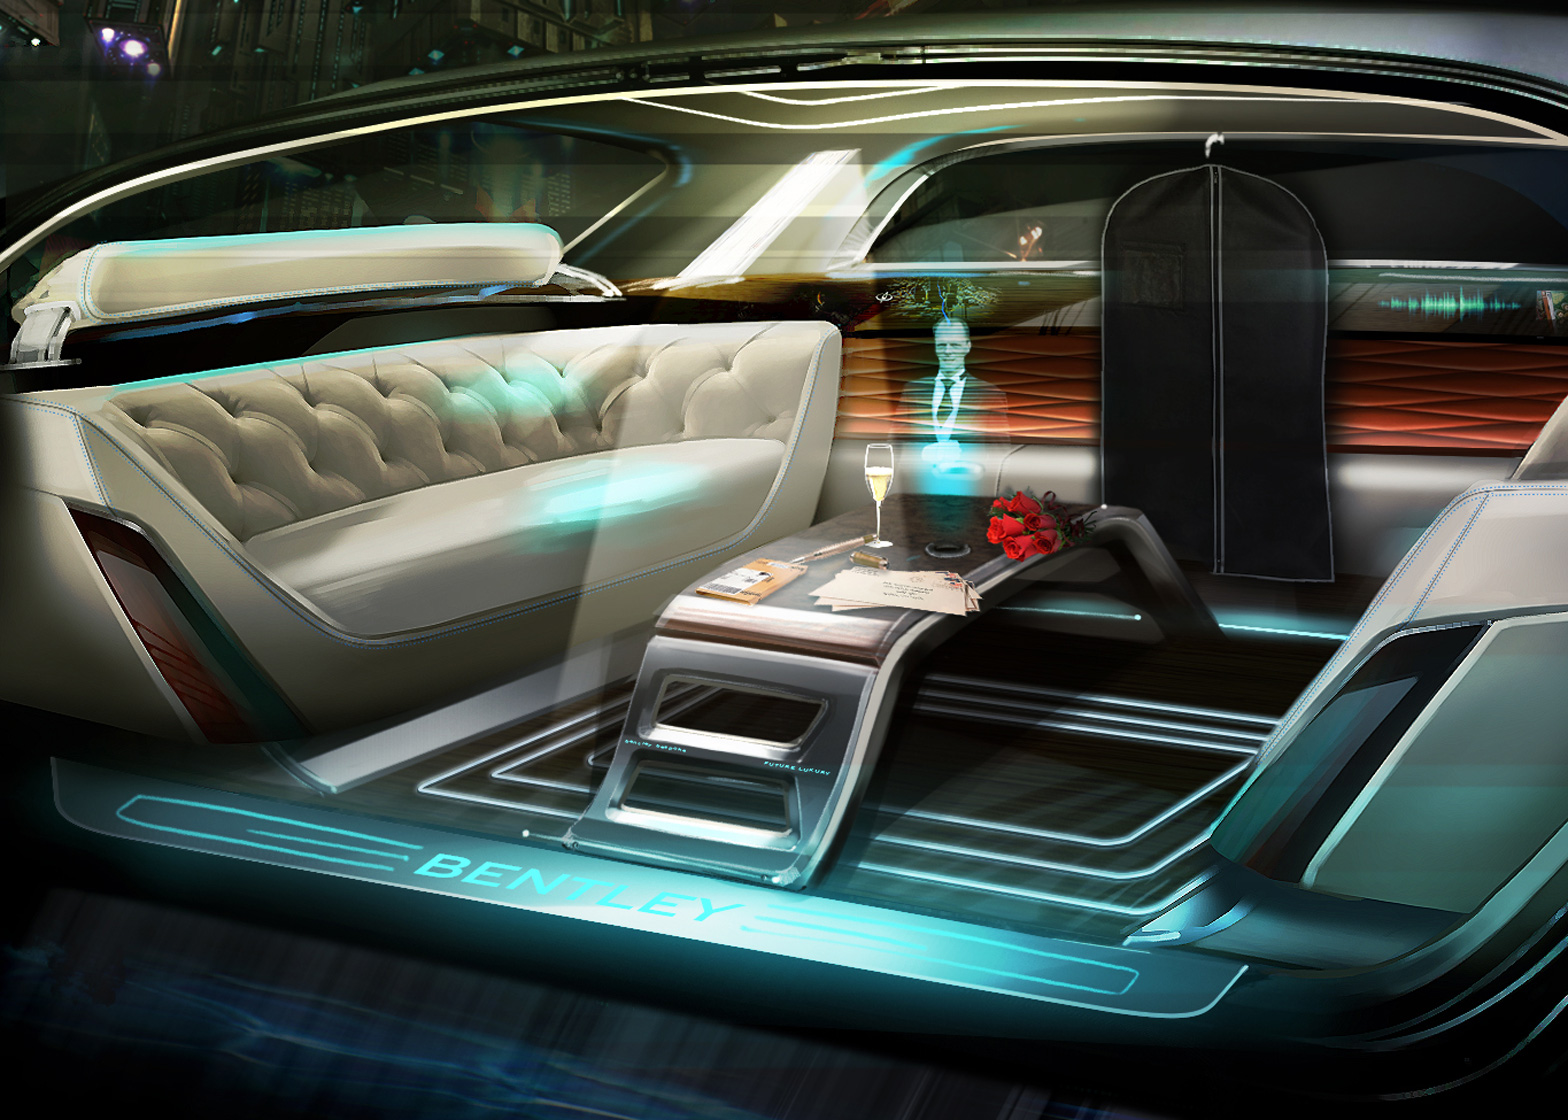 Le auto del futuro diventano sempre più simili al salotto di casa